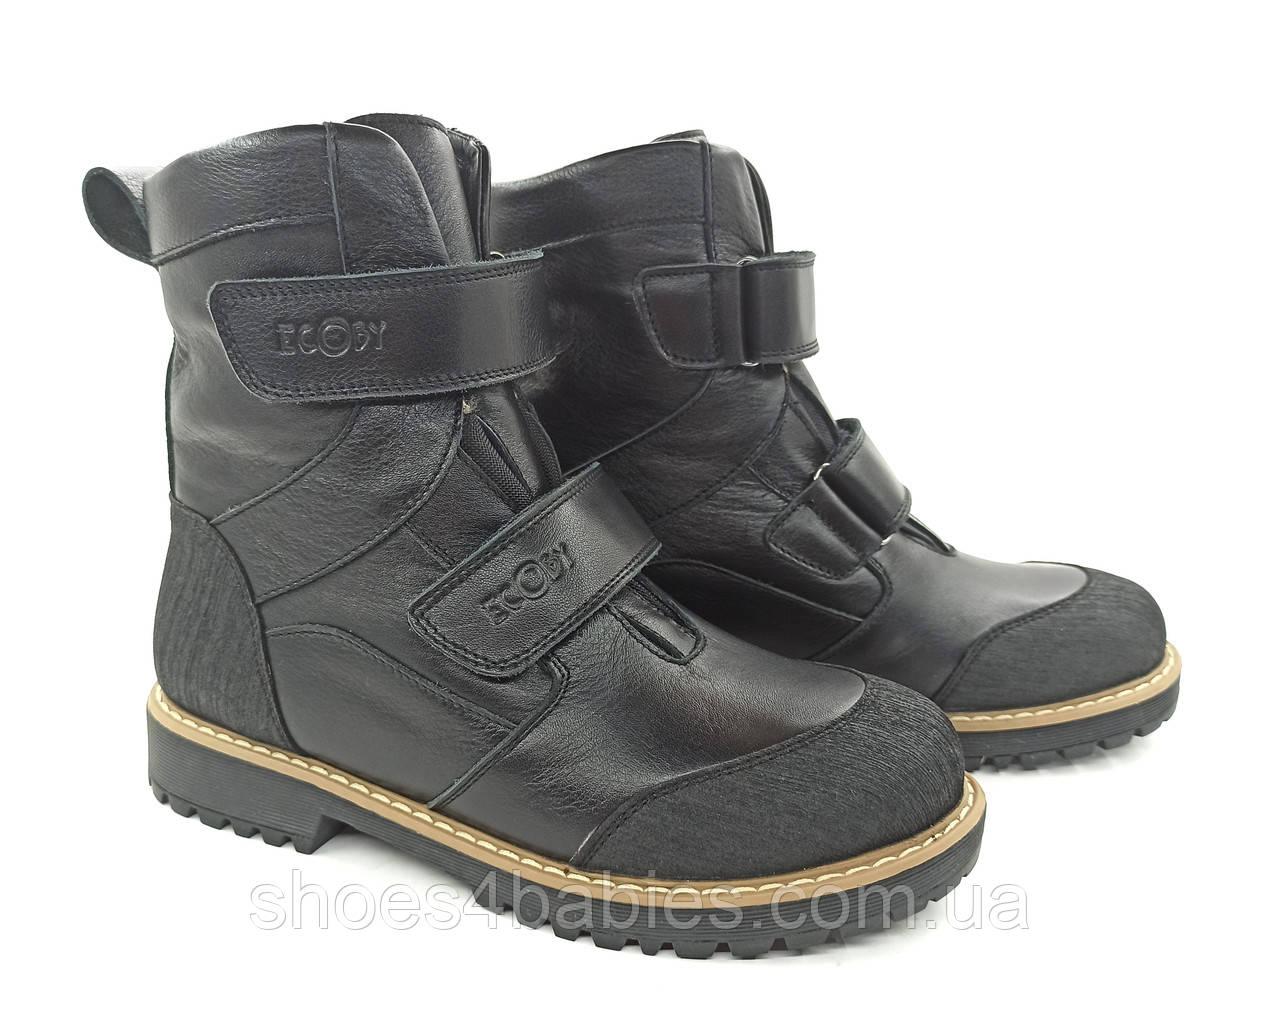 Ботинки ортопедические зимние Ecoby 377M р. 23-40